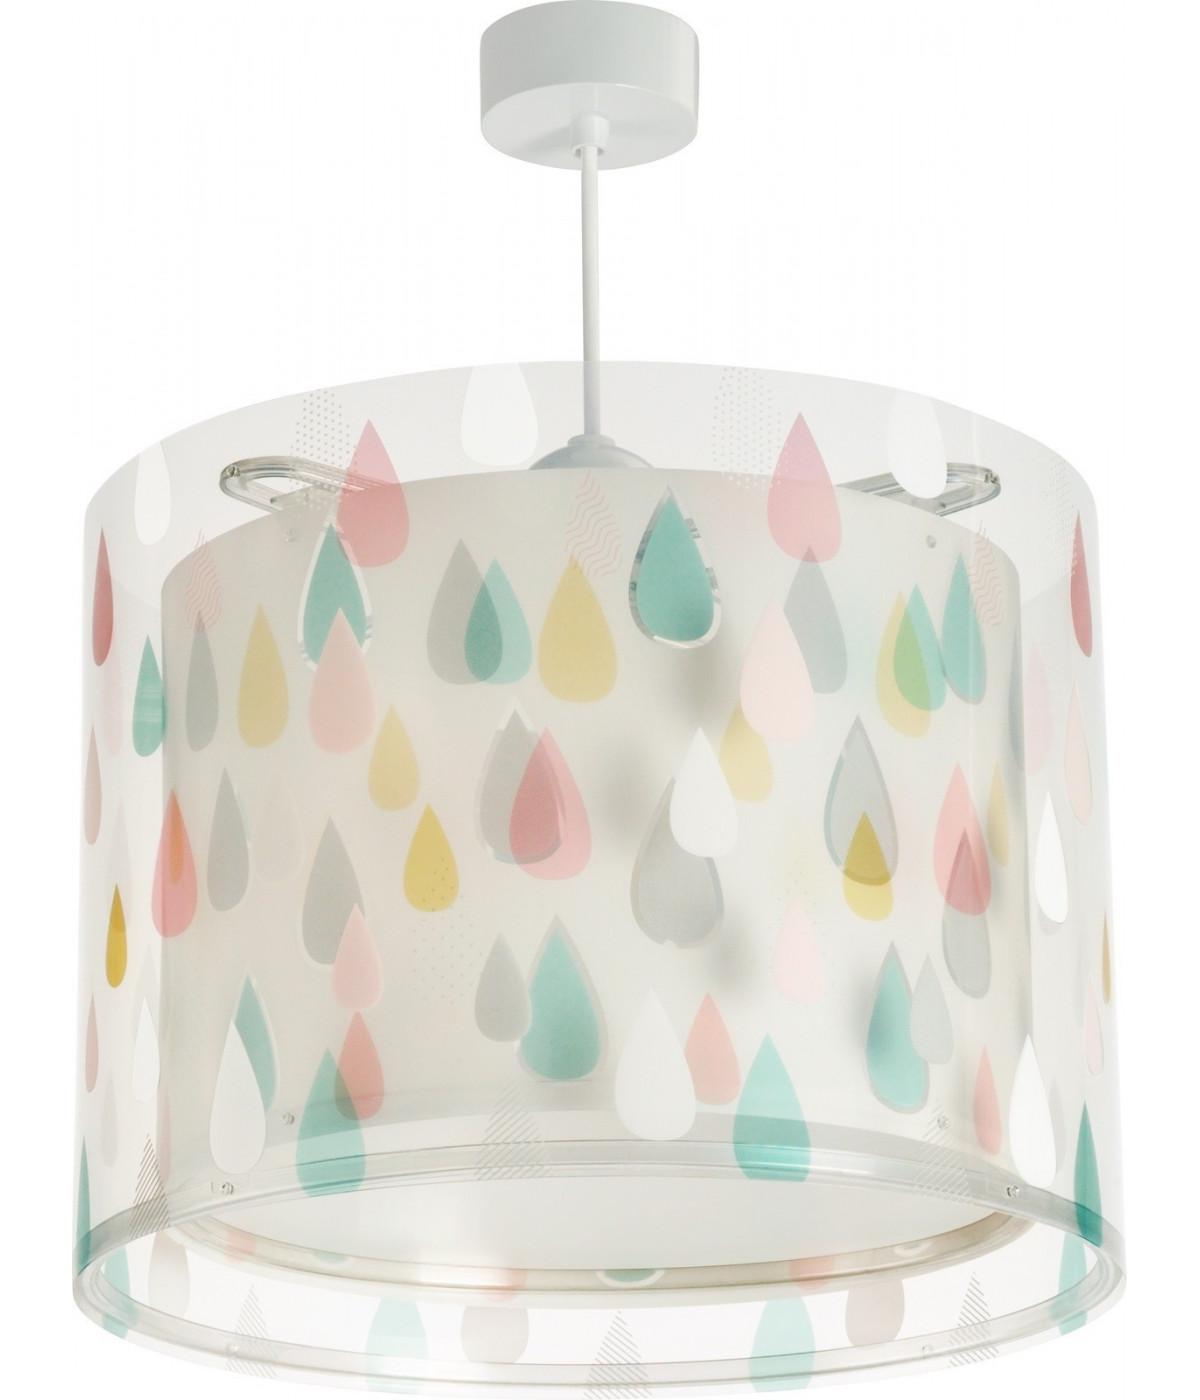 Luminária infantil pendente Color Rain